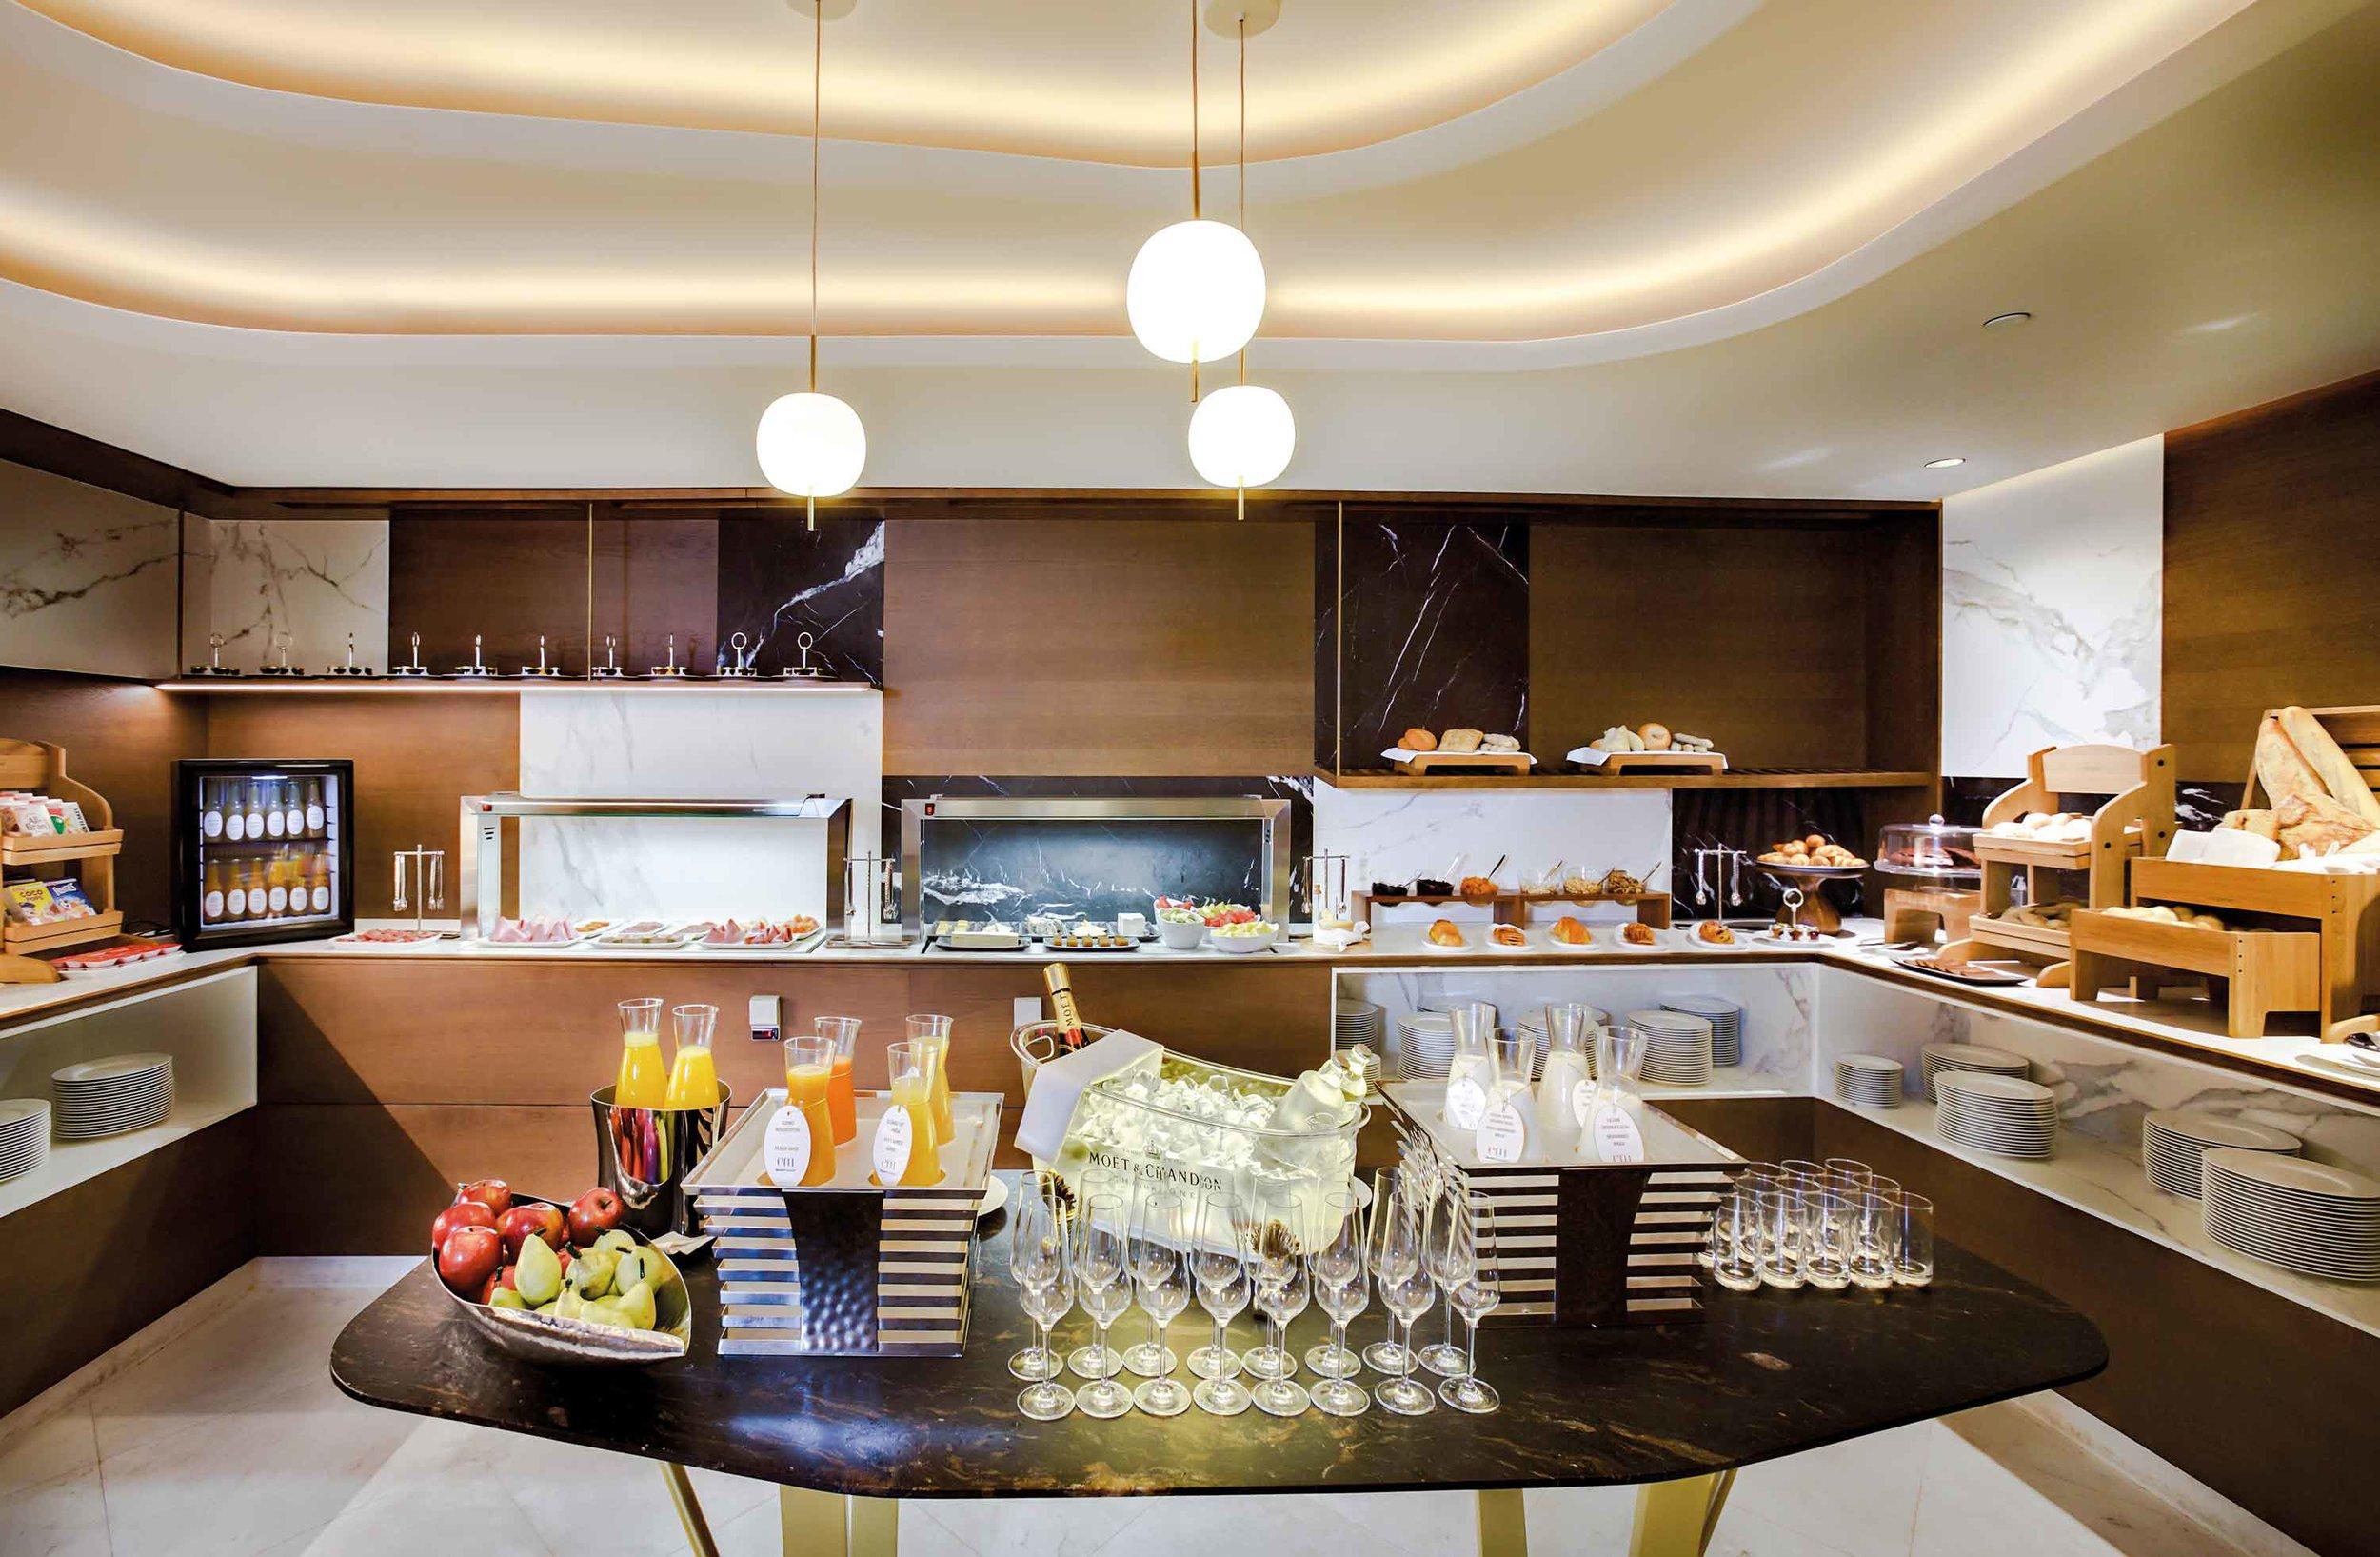 Barcelo-Emperatriz-buffet2.jpg